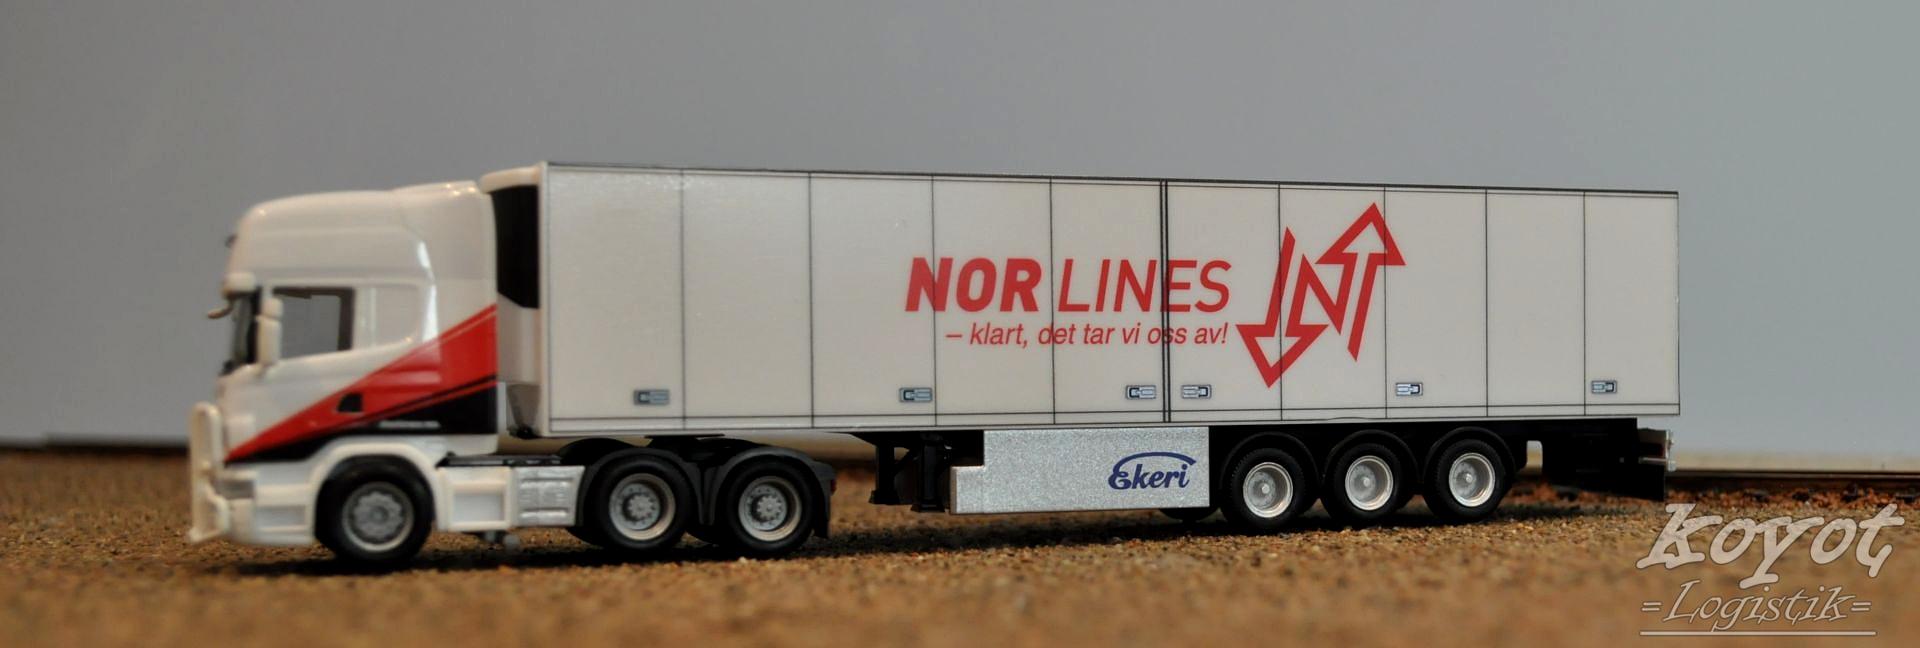 norlines2c.jpg